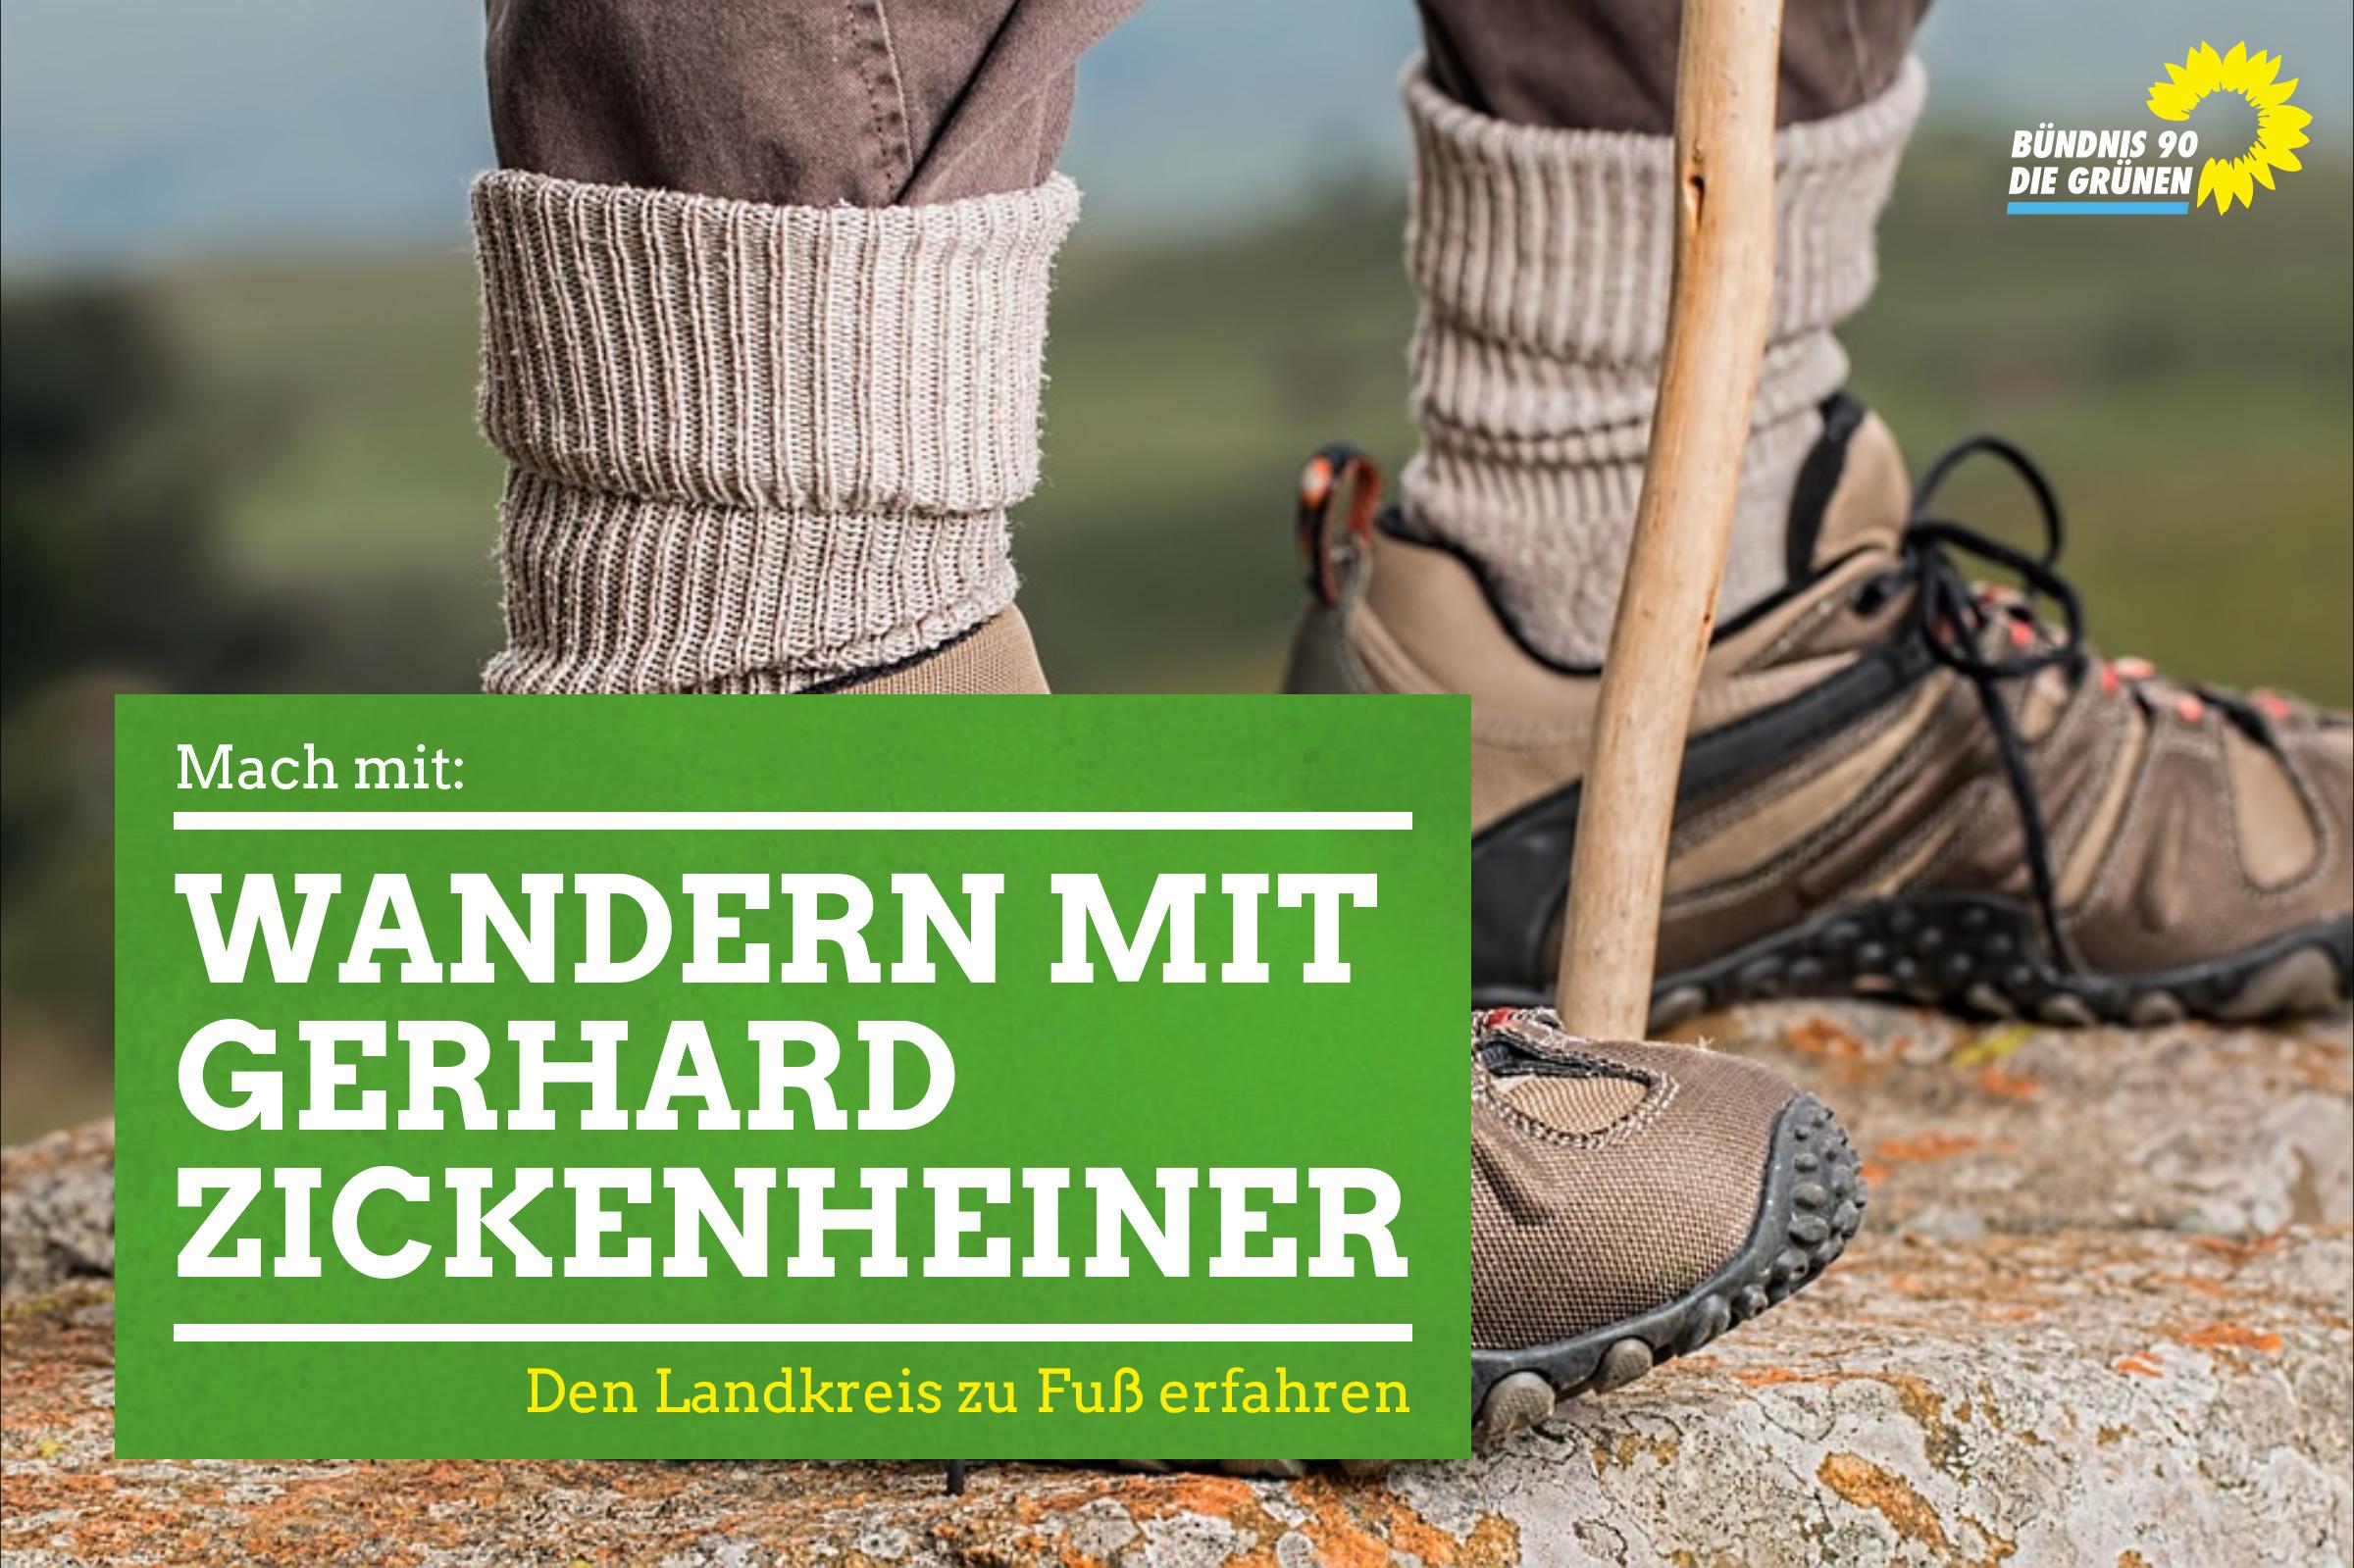 1. Wanderung mit unserem Bundestagskandidaten Gerhard Zickenheiner